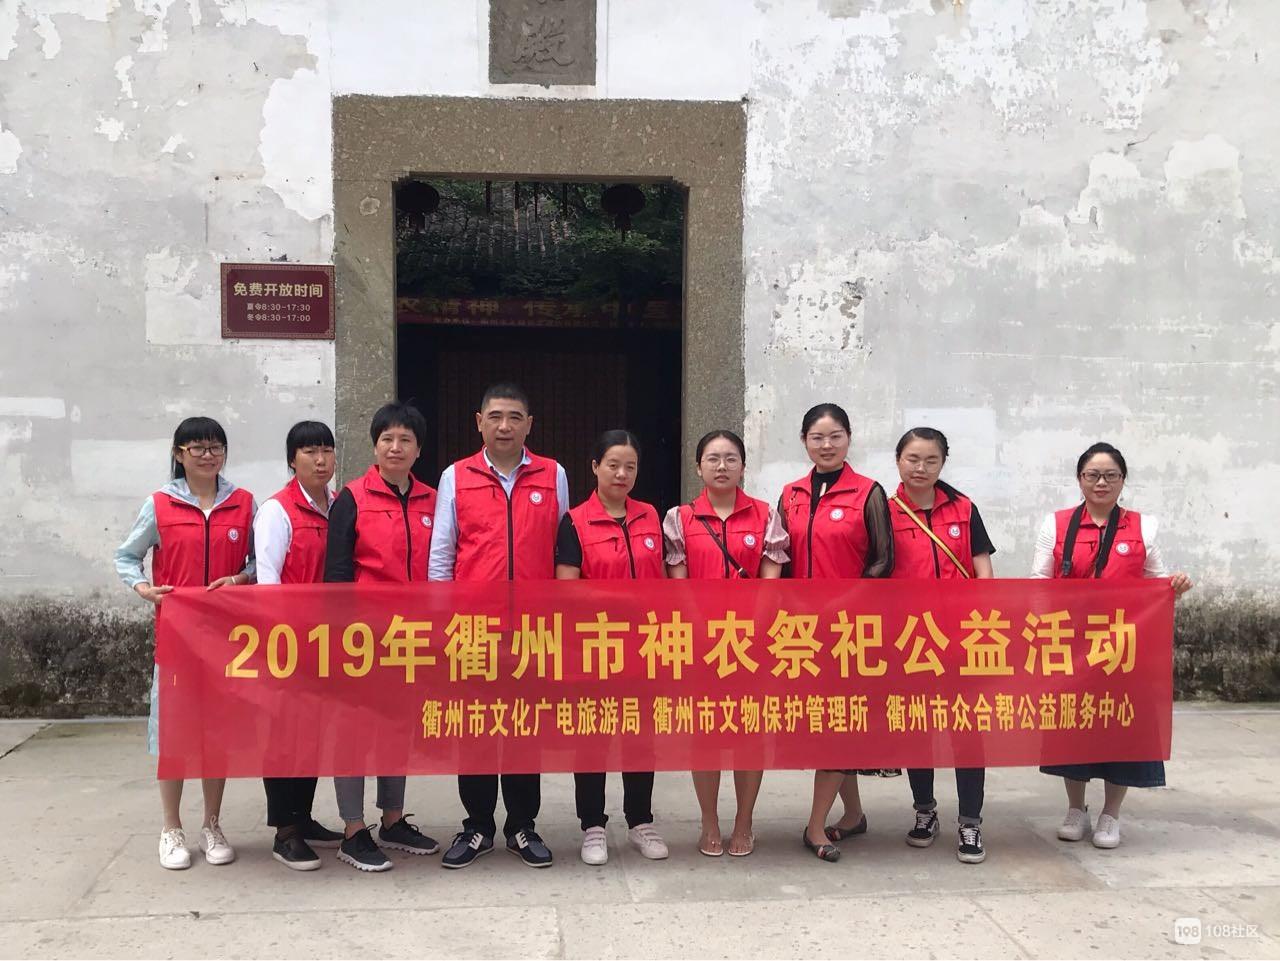 众合帮公益助力2019年衢州市神农祭祀大典公益活动!